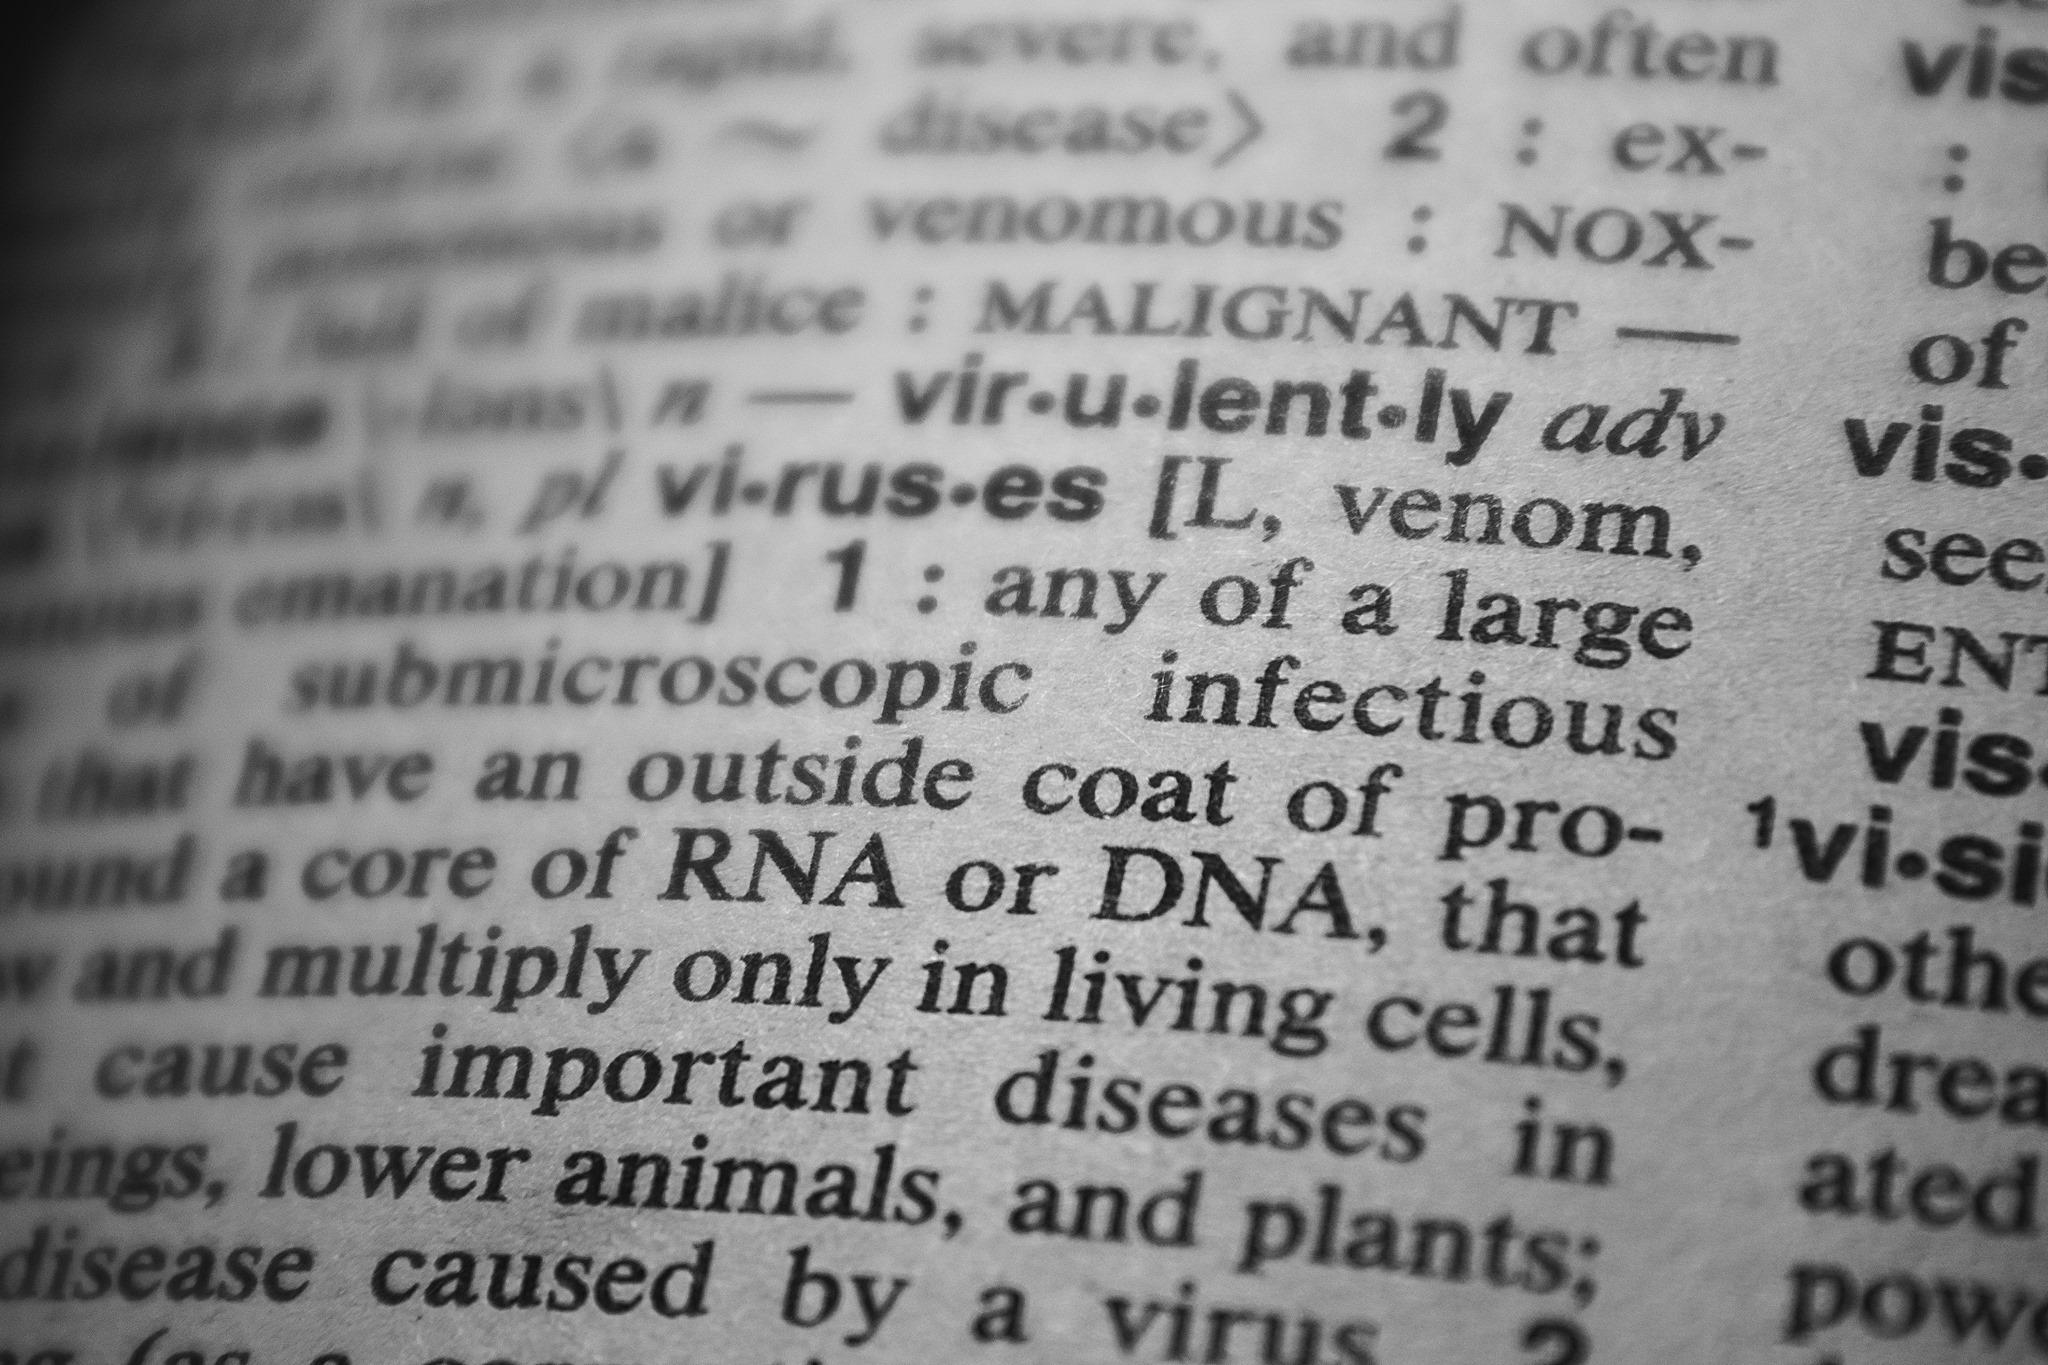 Auf dem Bild ist ein Textauszug zum Thema DNA beziehungsweise RNA aus einem Lexikon zu sehen.